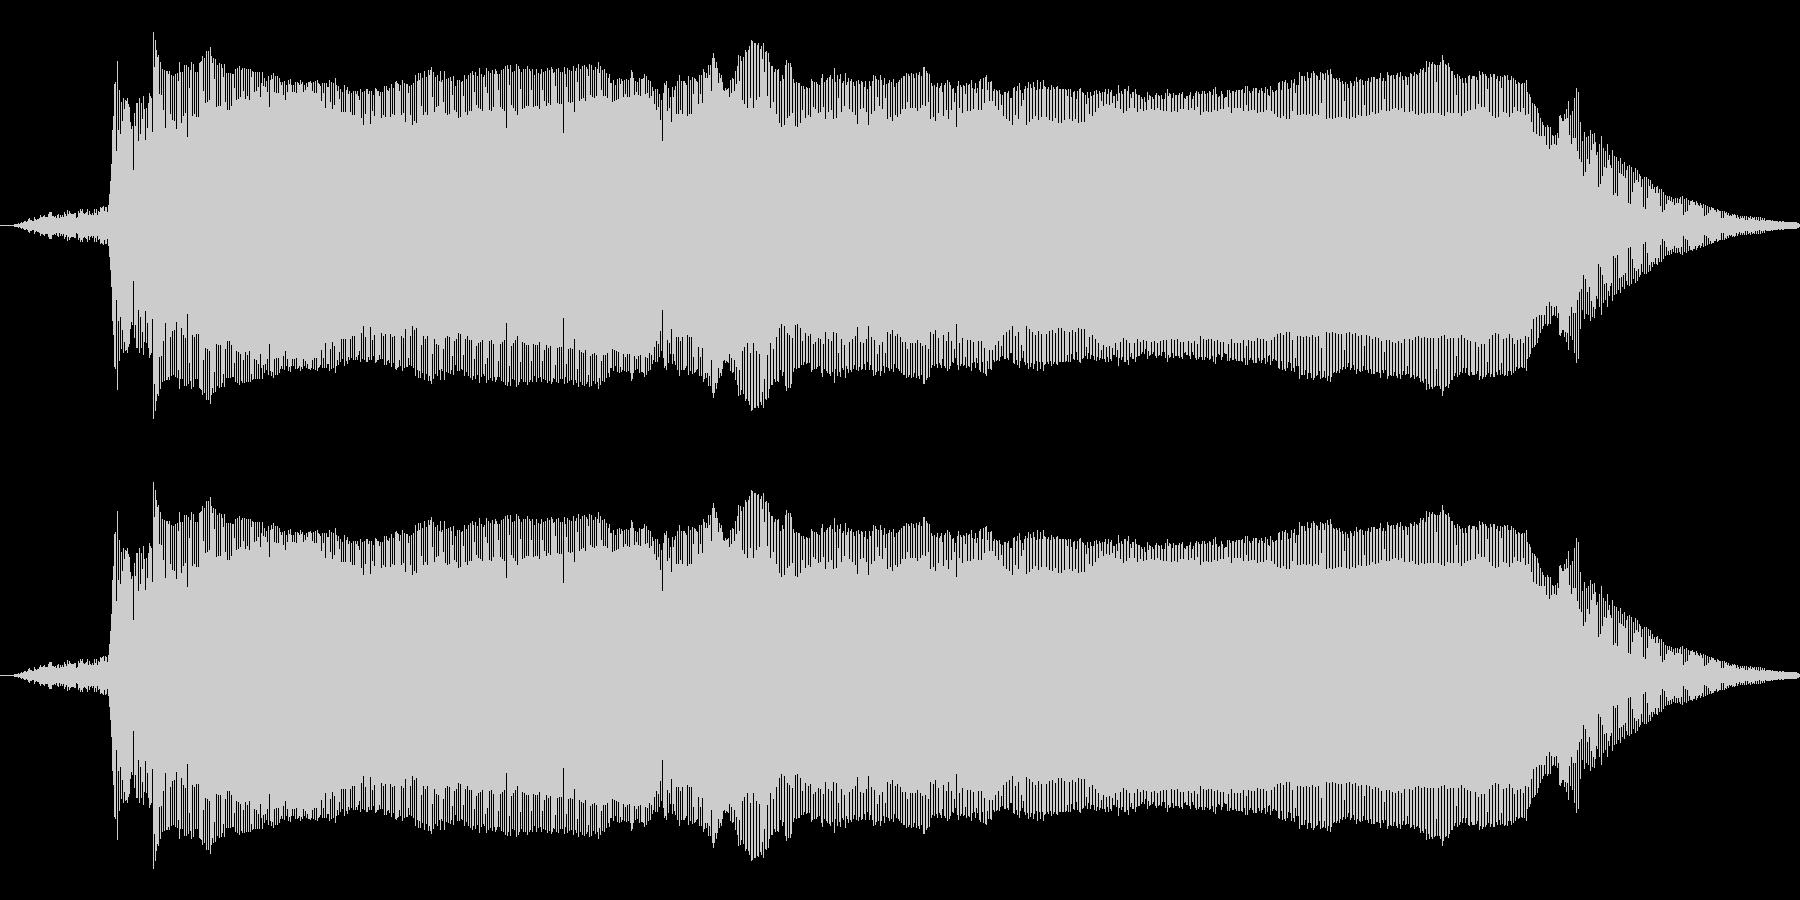 こぶし04(F#)の未再生の波形